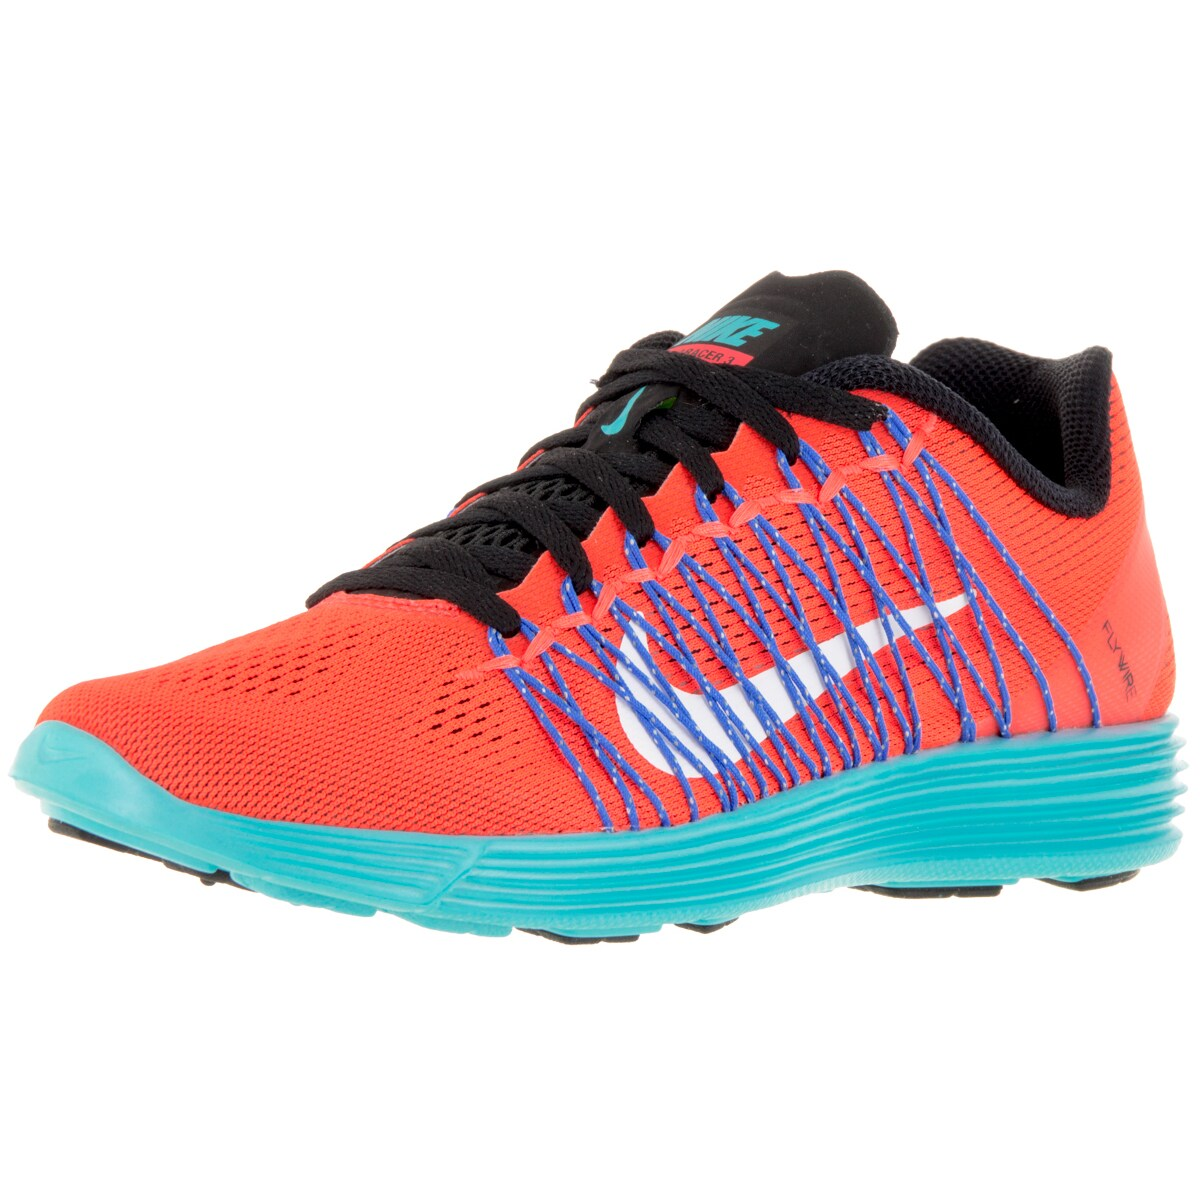 Nike Women's Lunaracer+ 3 Total Crimson/White/Gmm Bl Runn...